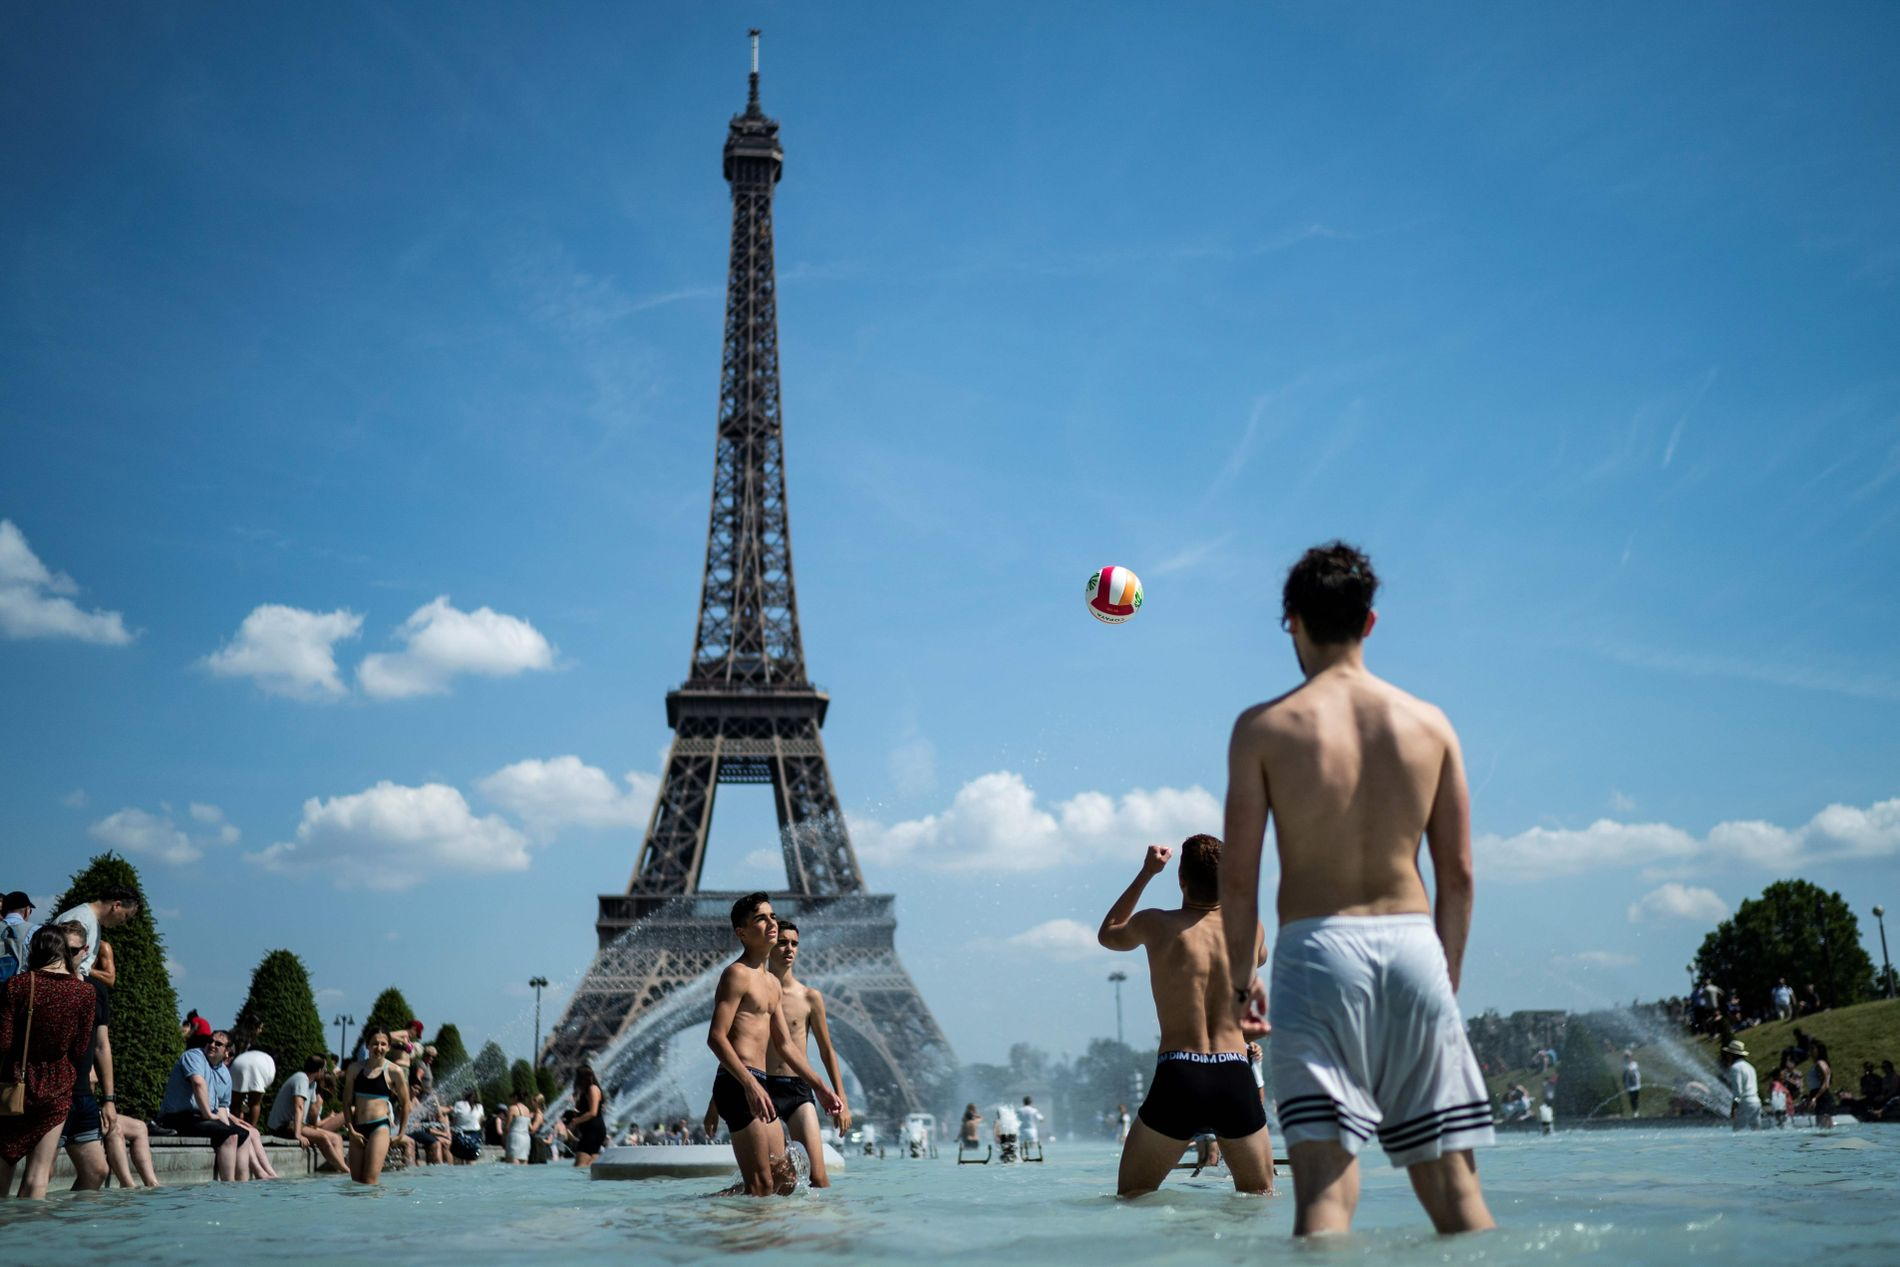 VIKTIG Å KJØLE SEG NED: Den ekstreme varmen som har slått innover store deler av Europa har gjort at innbyggere og turister må være flinke til å holde kroppstemperaturen nede.